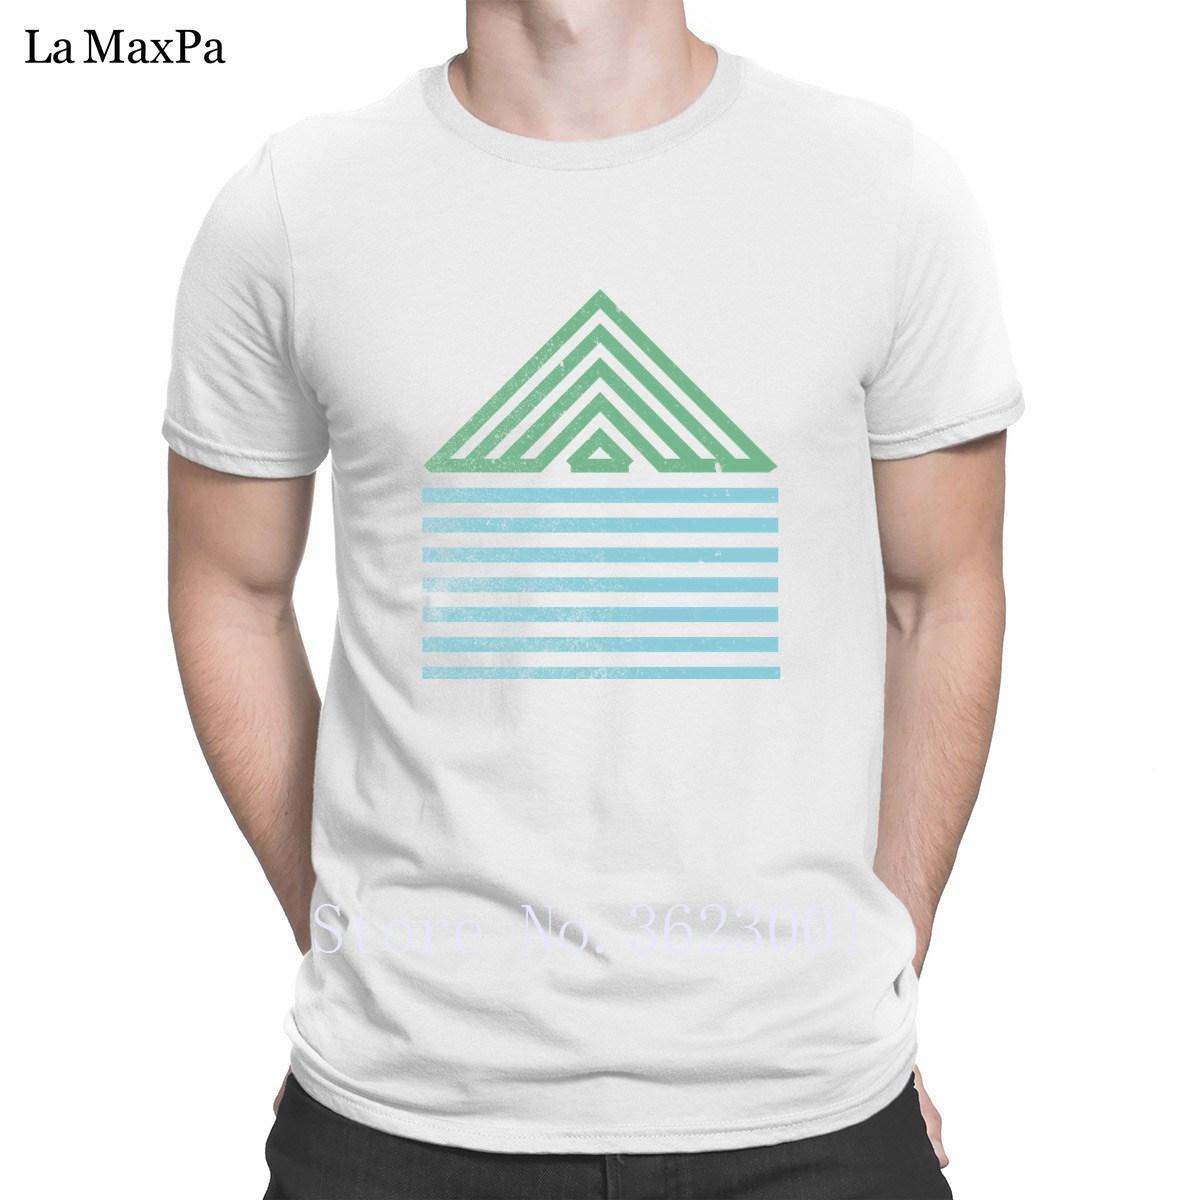 Loisirs T-shirt Vintage Mountain Adventure Homme Homme T-shirt humoristique T-shirt coton pour hommes de qualité supérieure